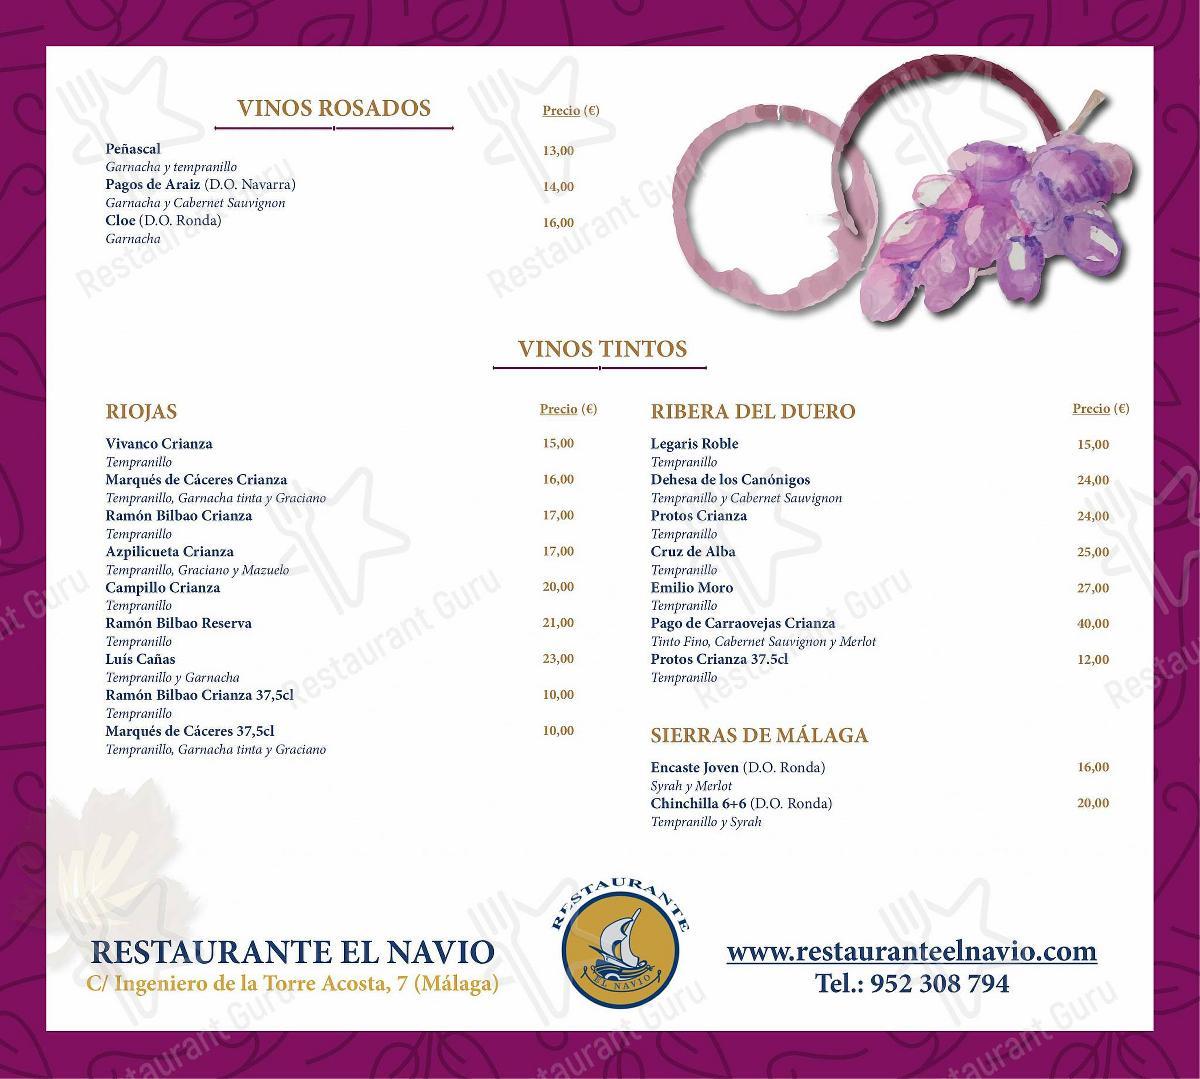 Carta de RESTAURANTE EL NAVIO - platos y bebidas